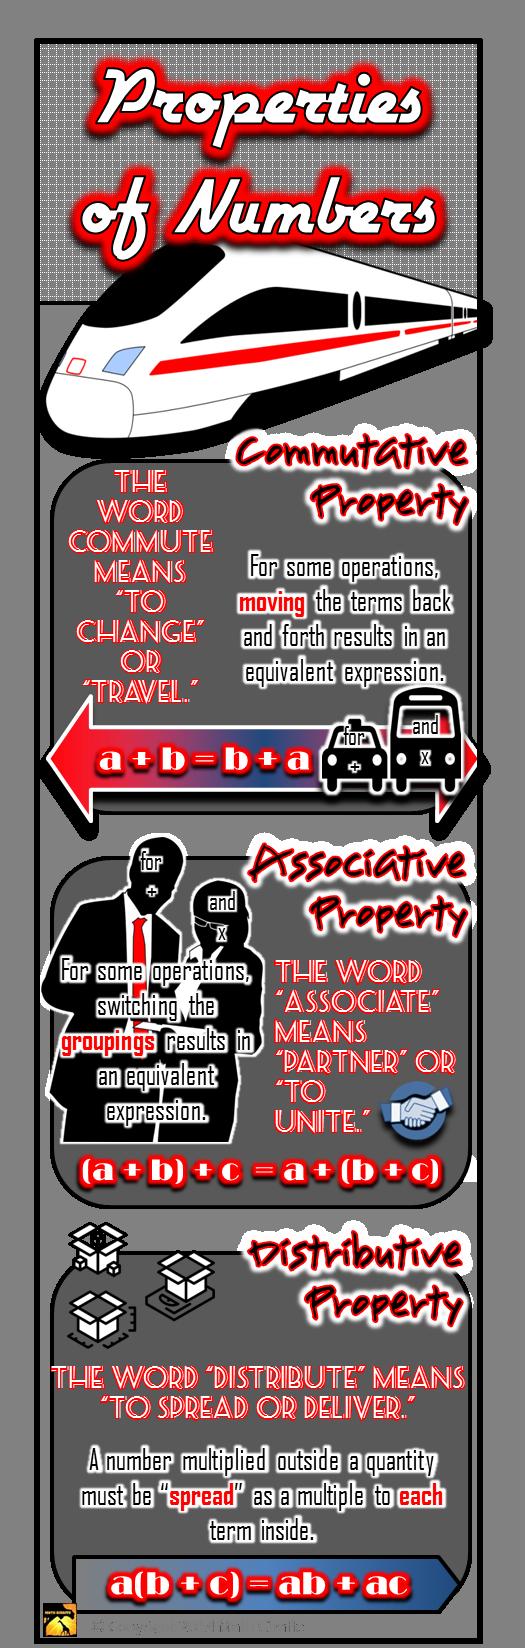 commutative property and associative property. commutative property and associative